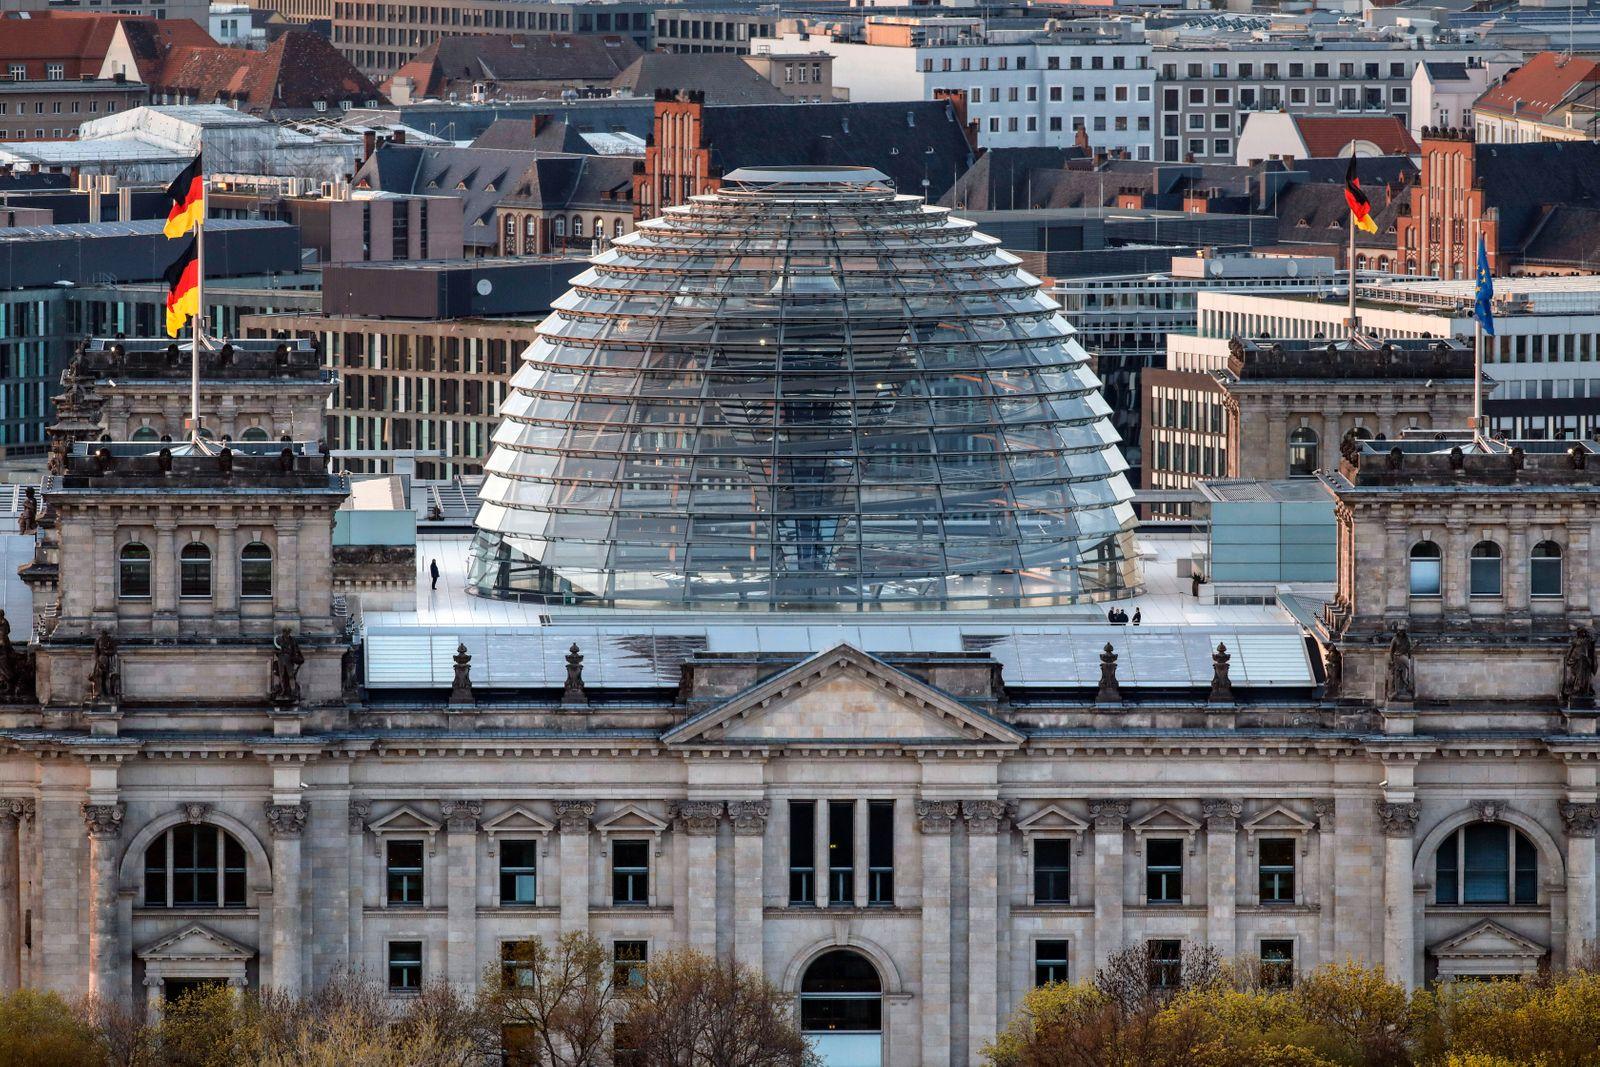 Berlin von oben Berlin, 20.04.2021 - Blick auf den Reichstag. Berlin Berlin Deutschland *** Berlin from above Berlin, 20